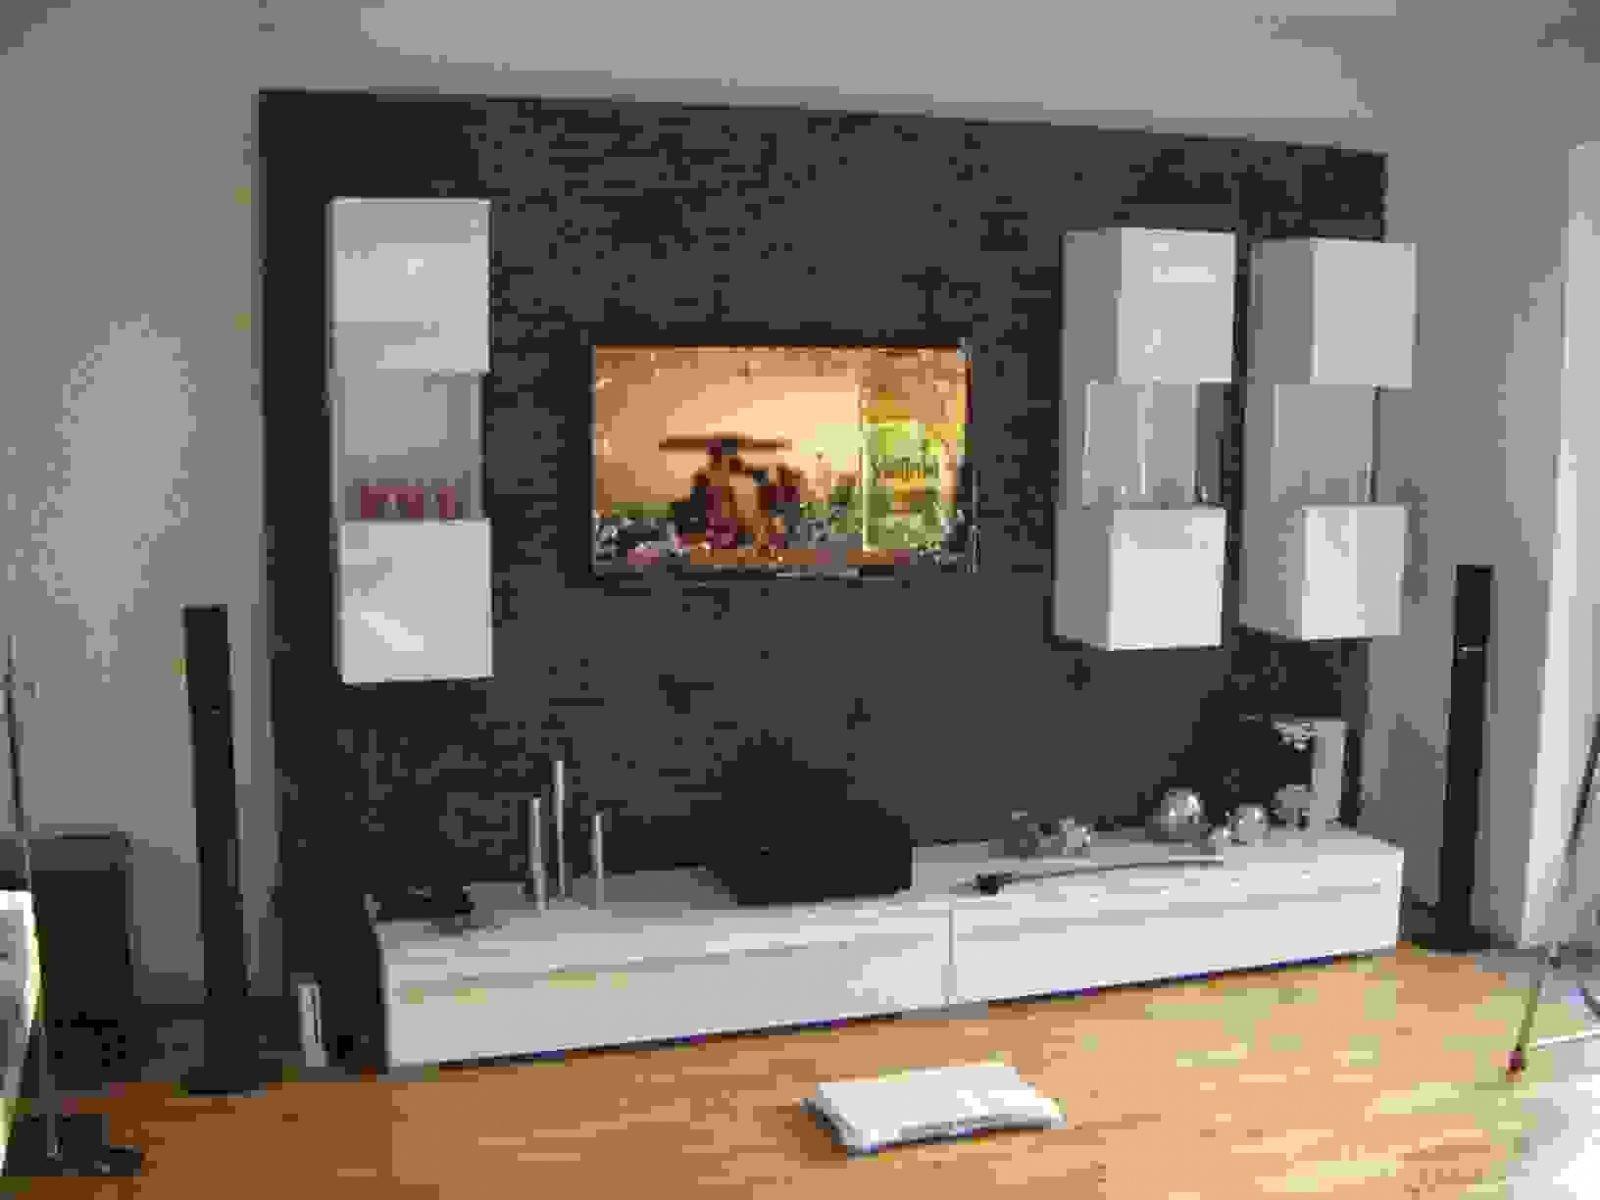 Frisch 40 Trennwand Selber Bauen Ideen  Einzigartiger Garten von Tv Wand Selber Bauen Kosten Bild